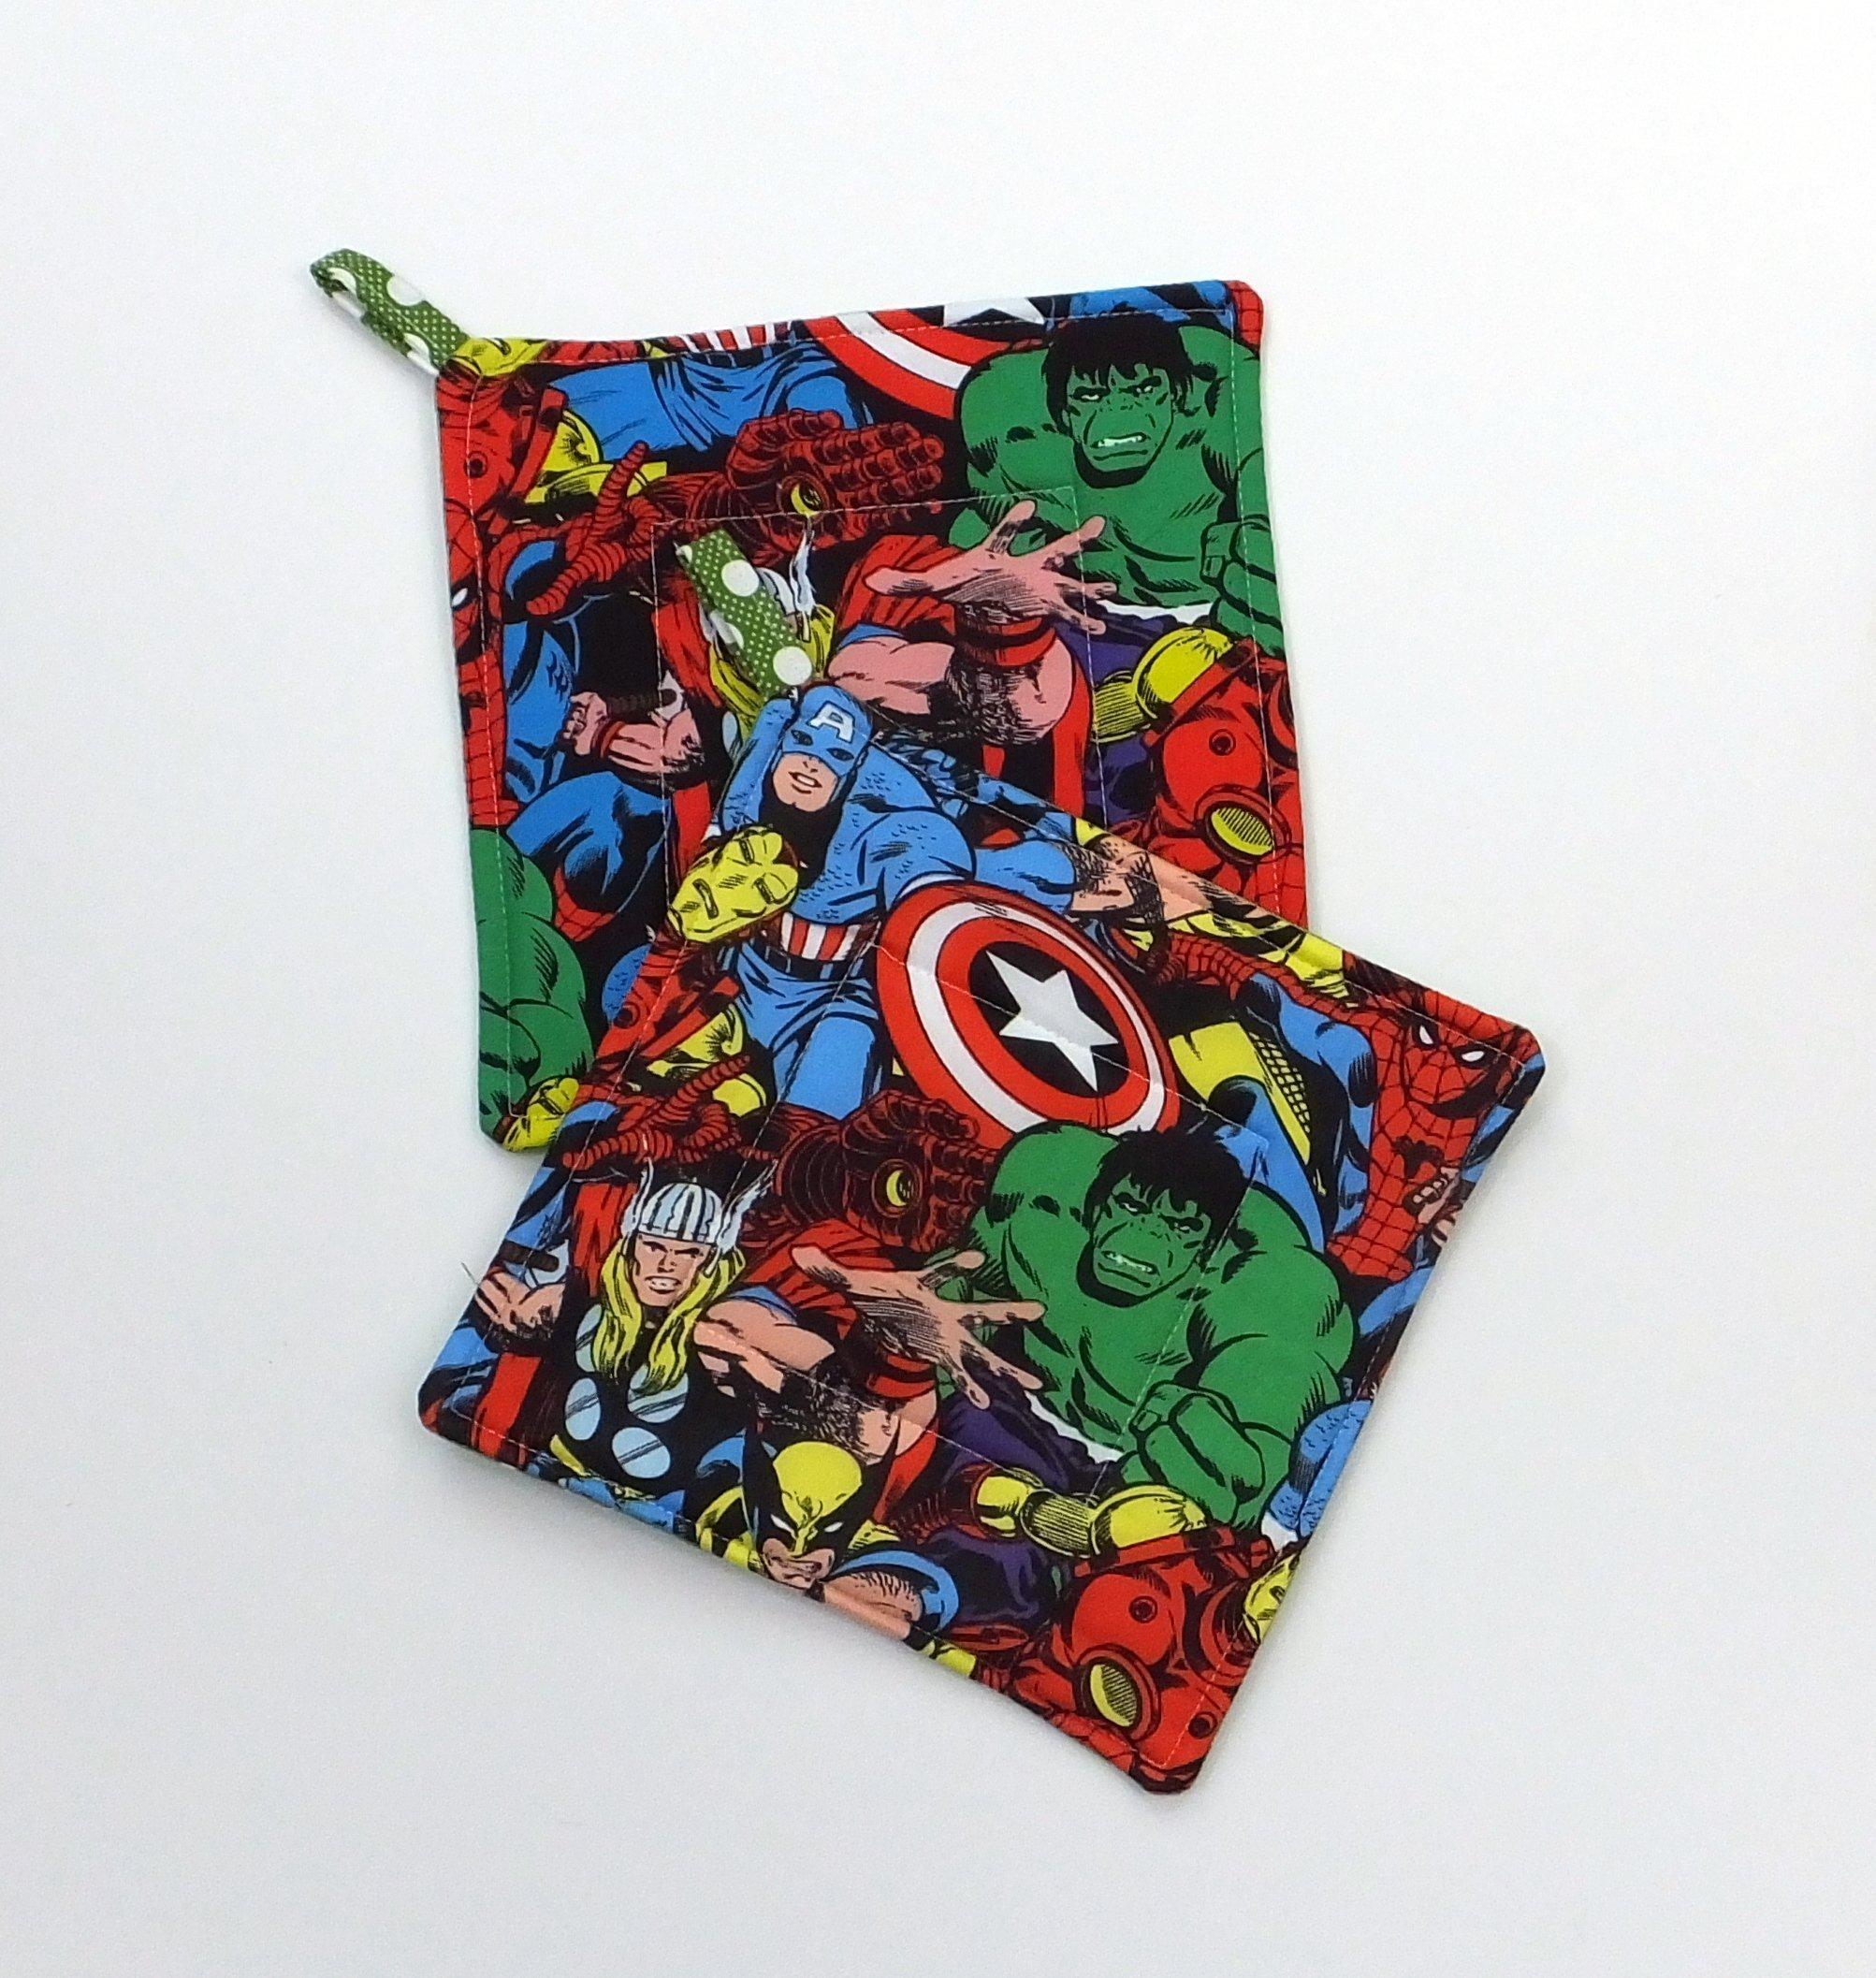 Marvel Avengers Comic Book Potholder Set of 2